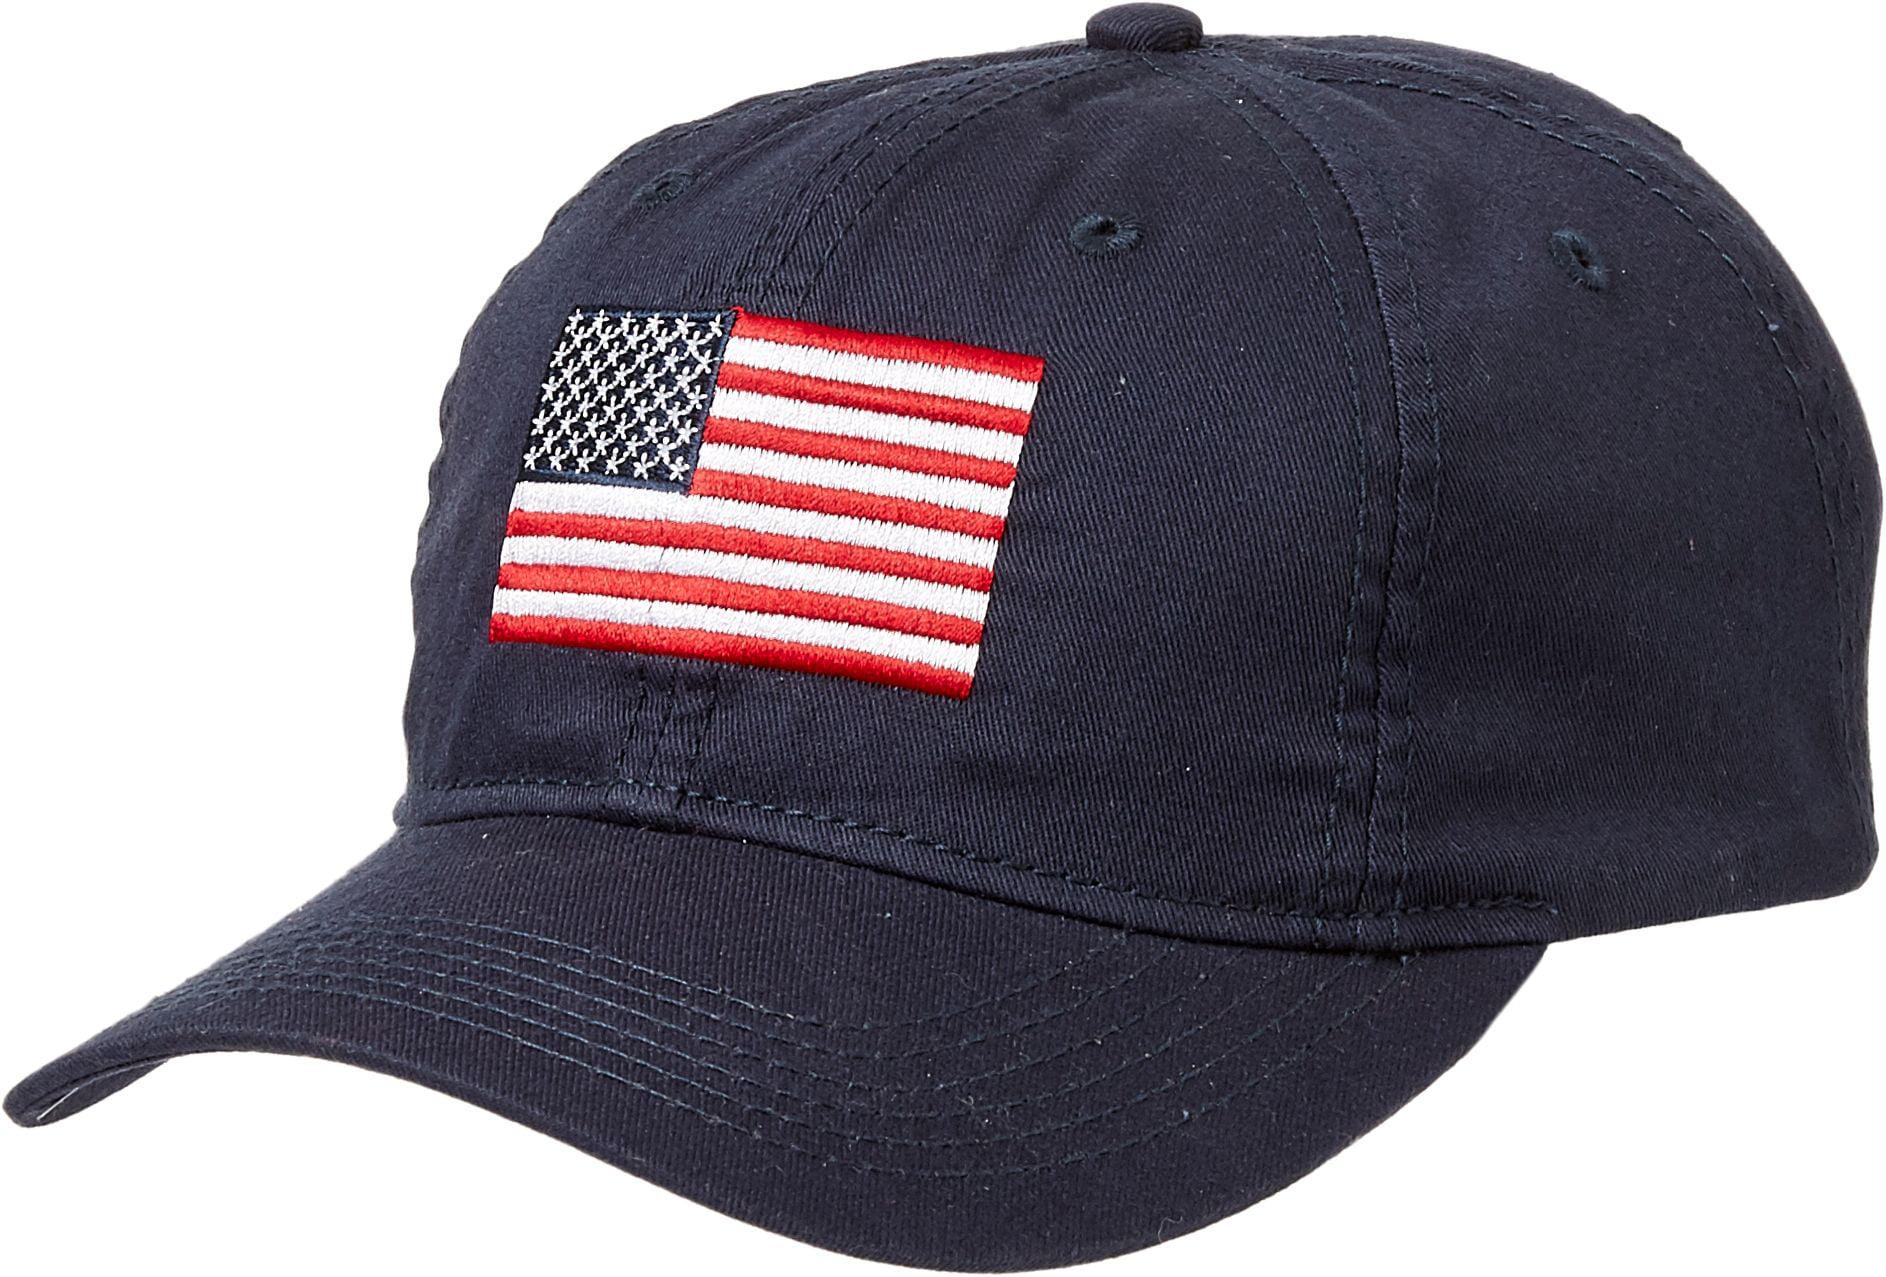 Dick s sporting goods baseball hat